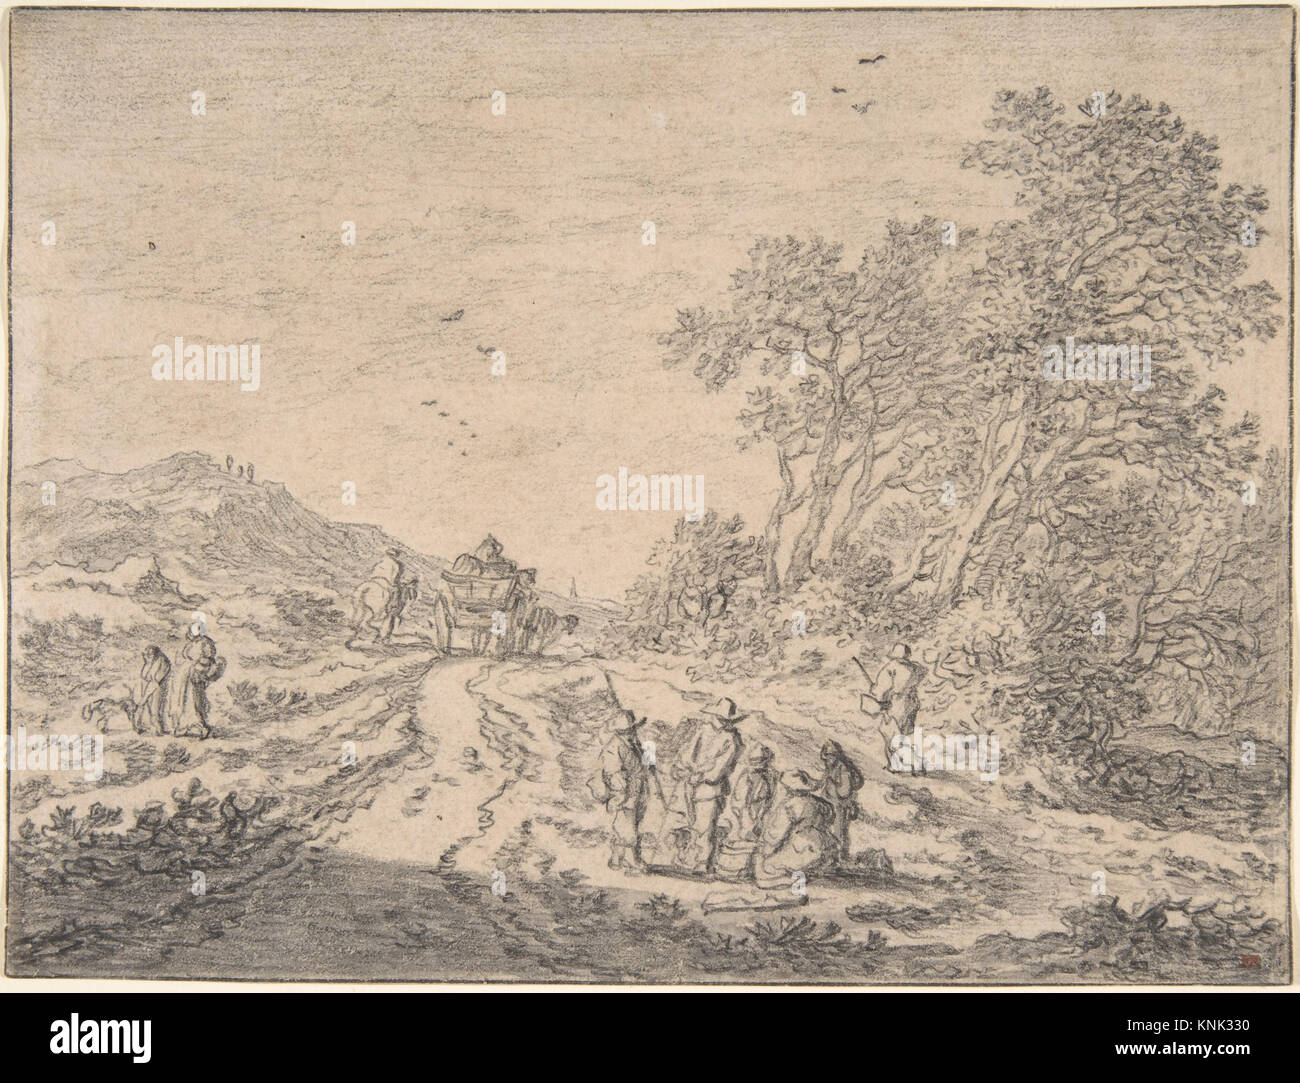 Zahlen auf einer Straße MET DP 800498 381628 Künstler: Pieter de Molijn, Niederländisch, London 1595? Stockbild